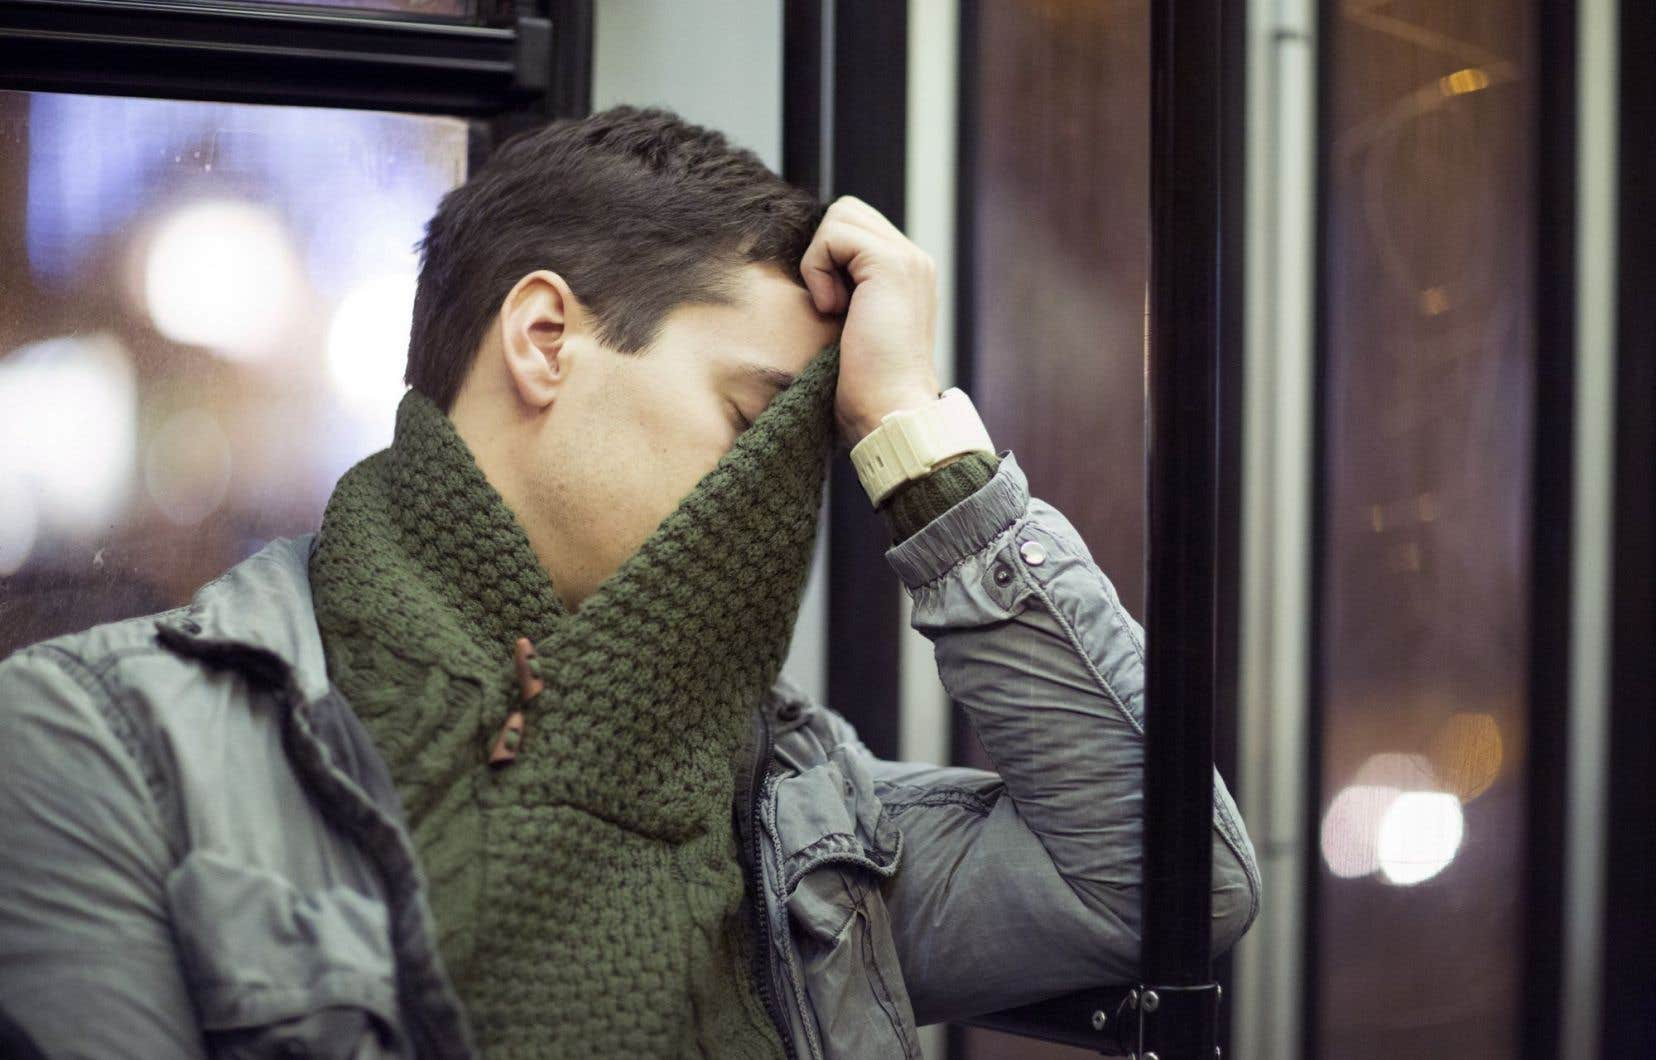 Le sommeil contribuerait à consolider une partie de la mémoire récente.